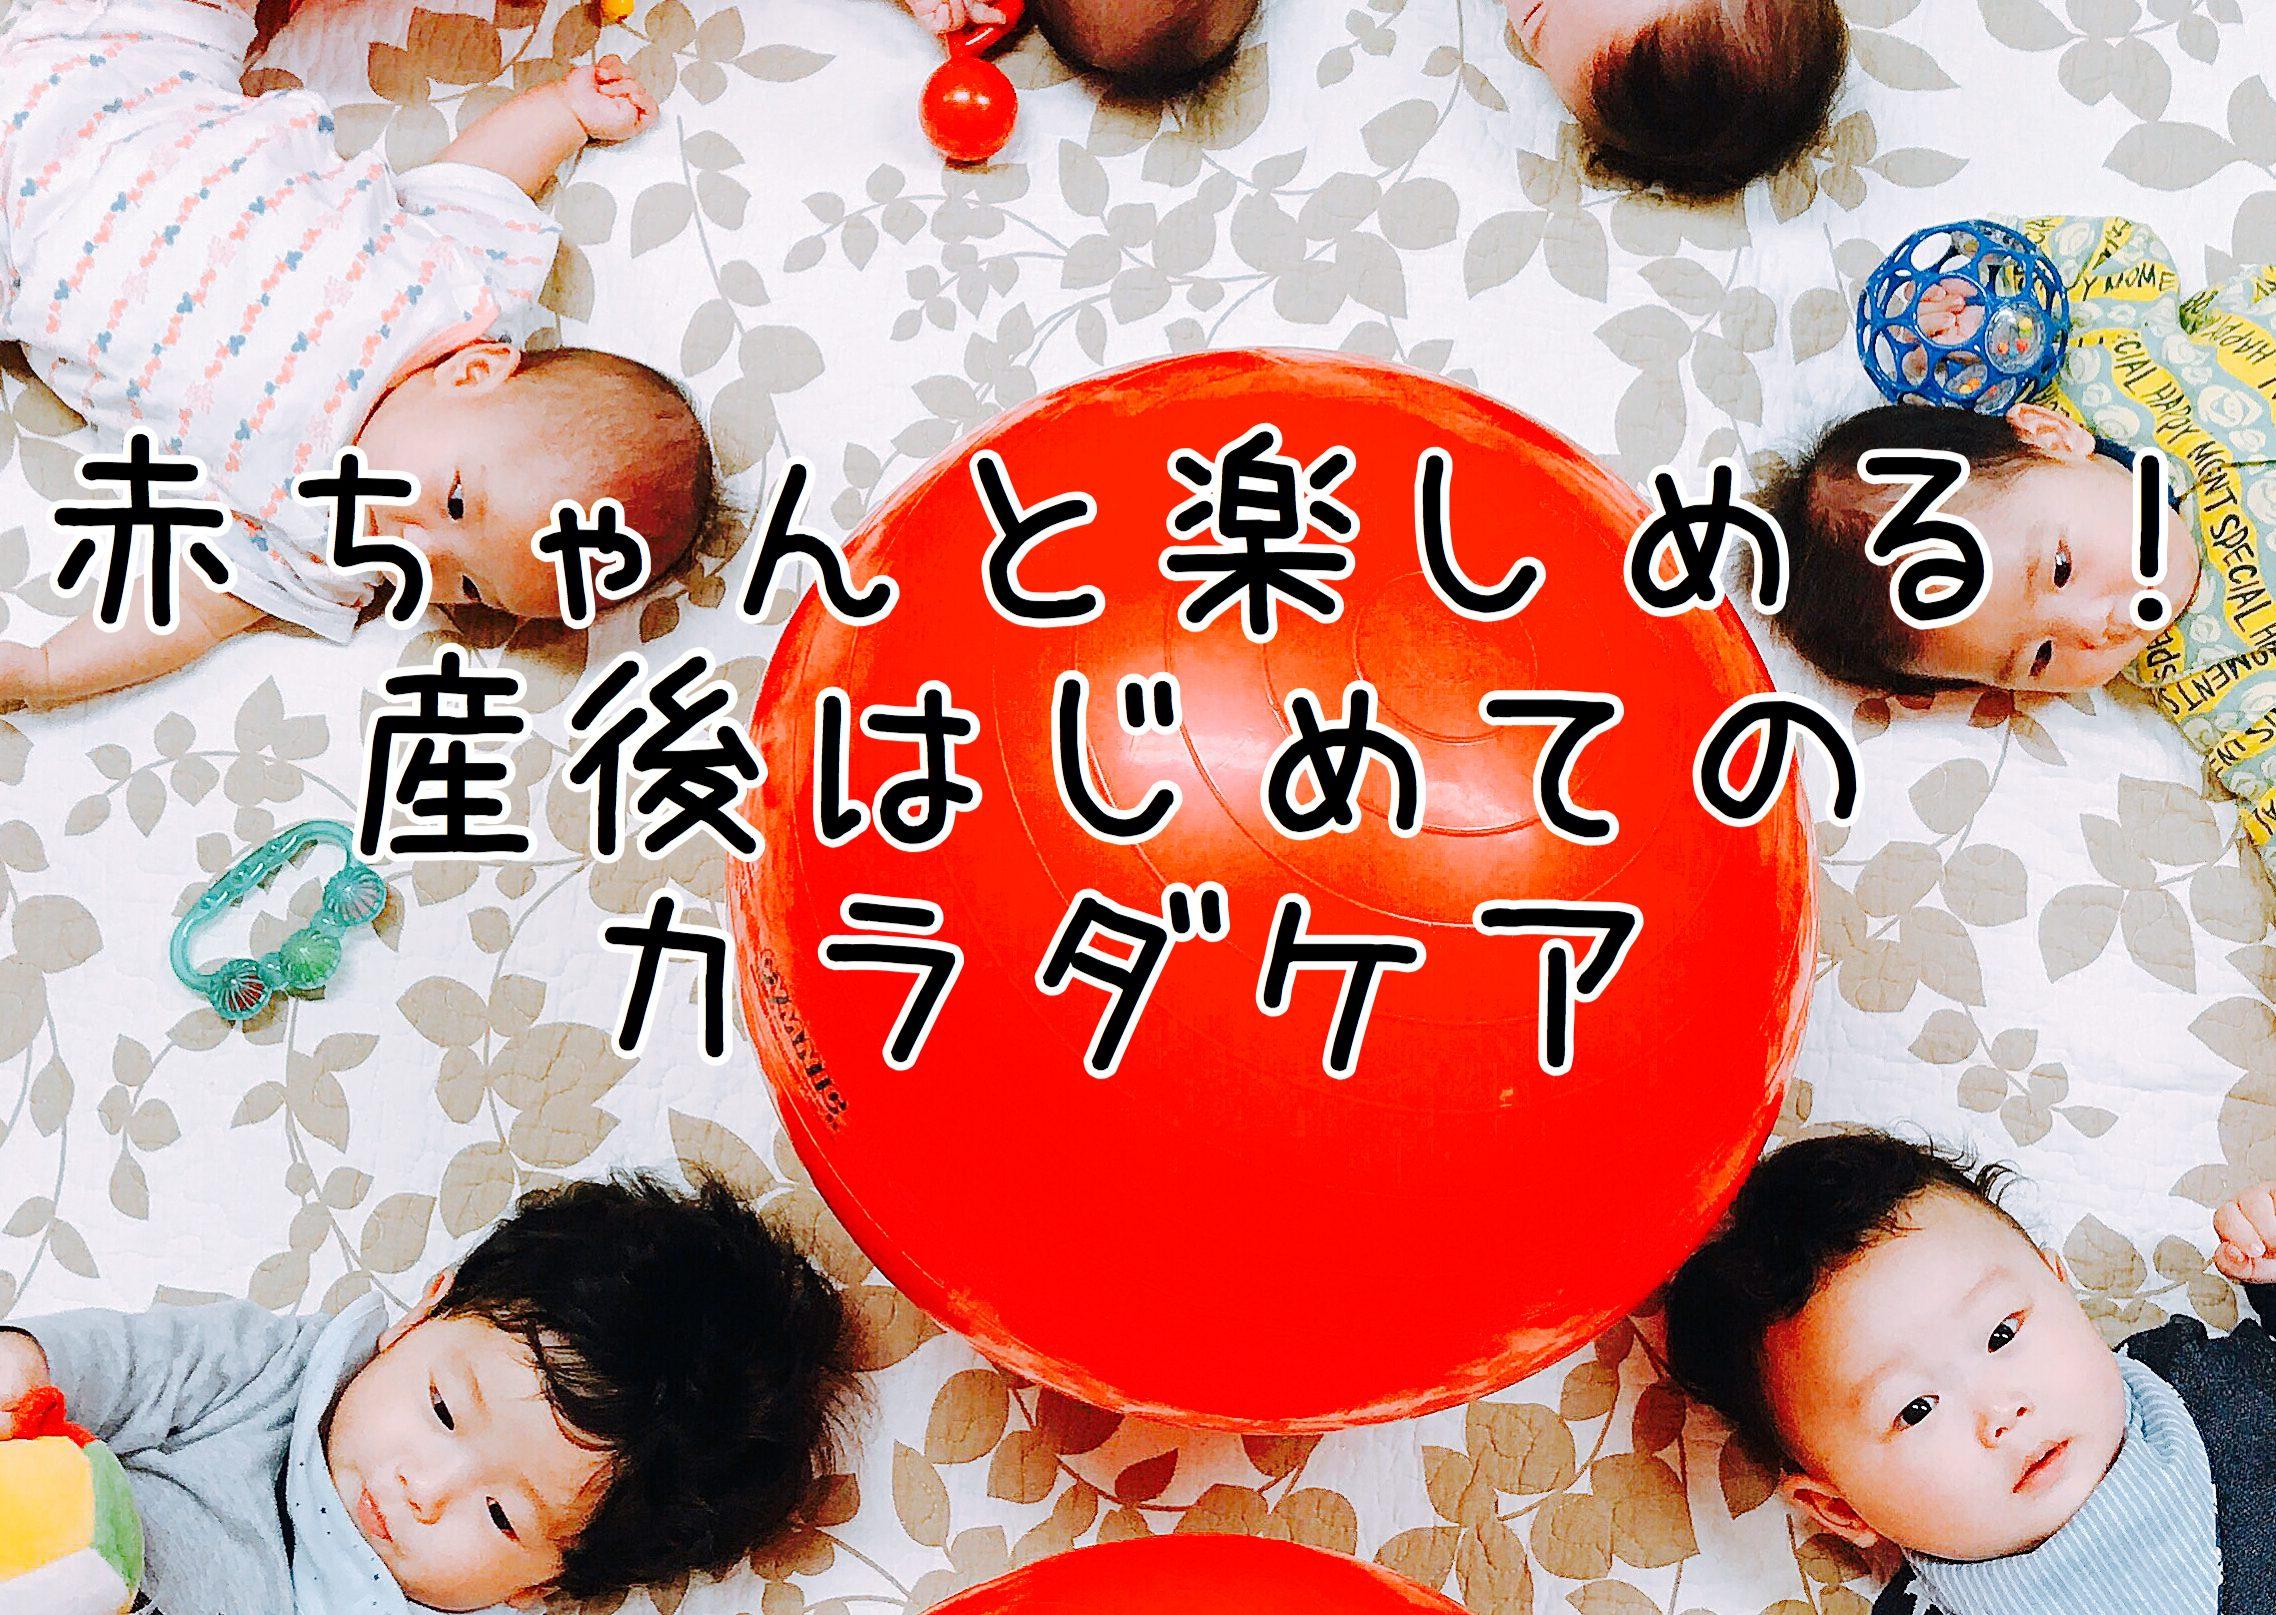 【1/24長岡】産後のぶよぶよお腹とさようなら!赤ちゃんと一緒に、カラダケア